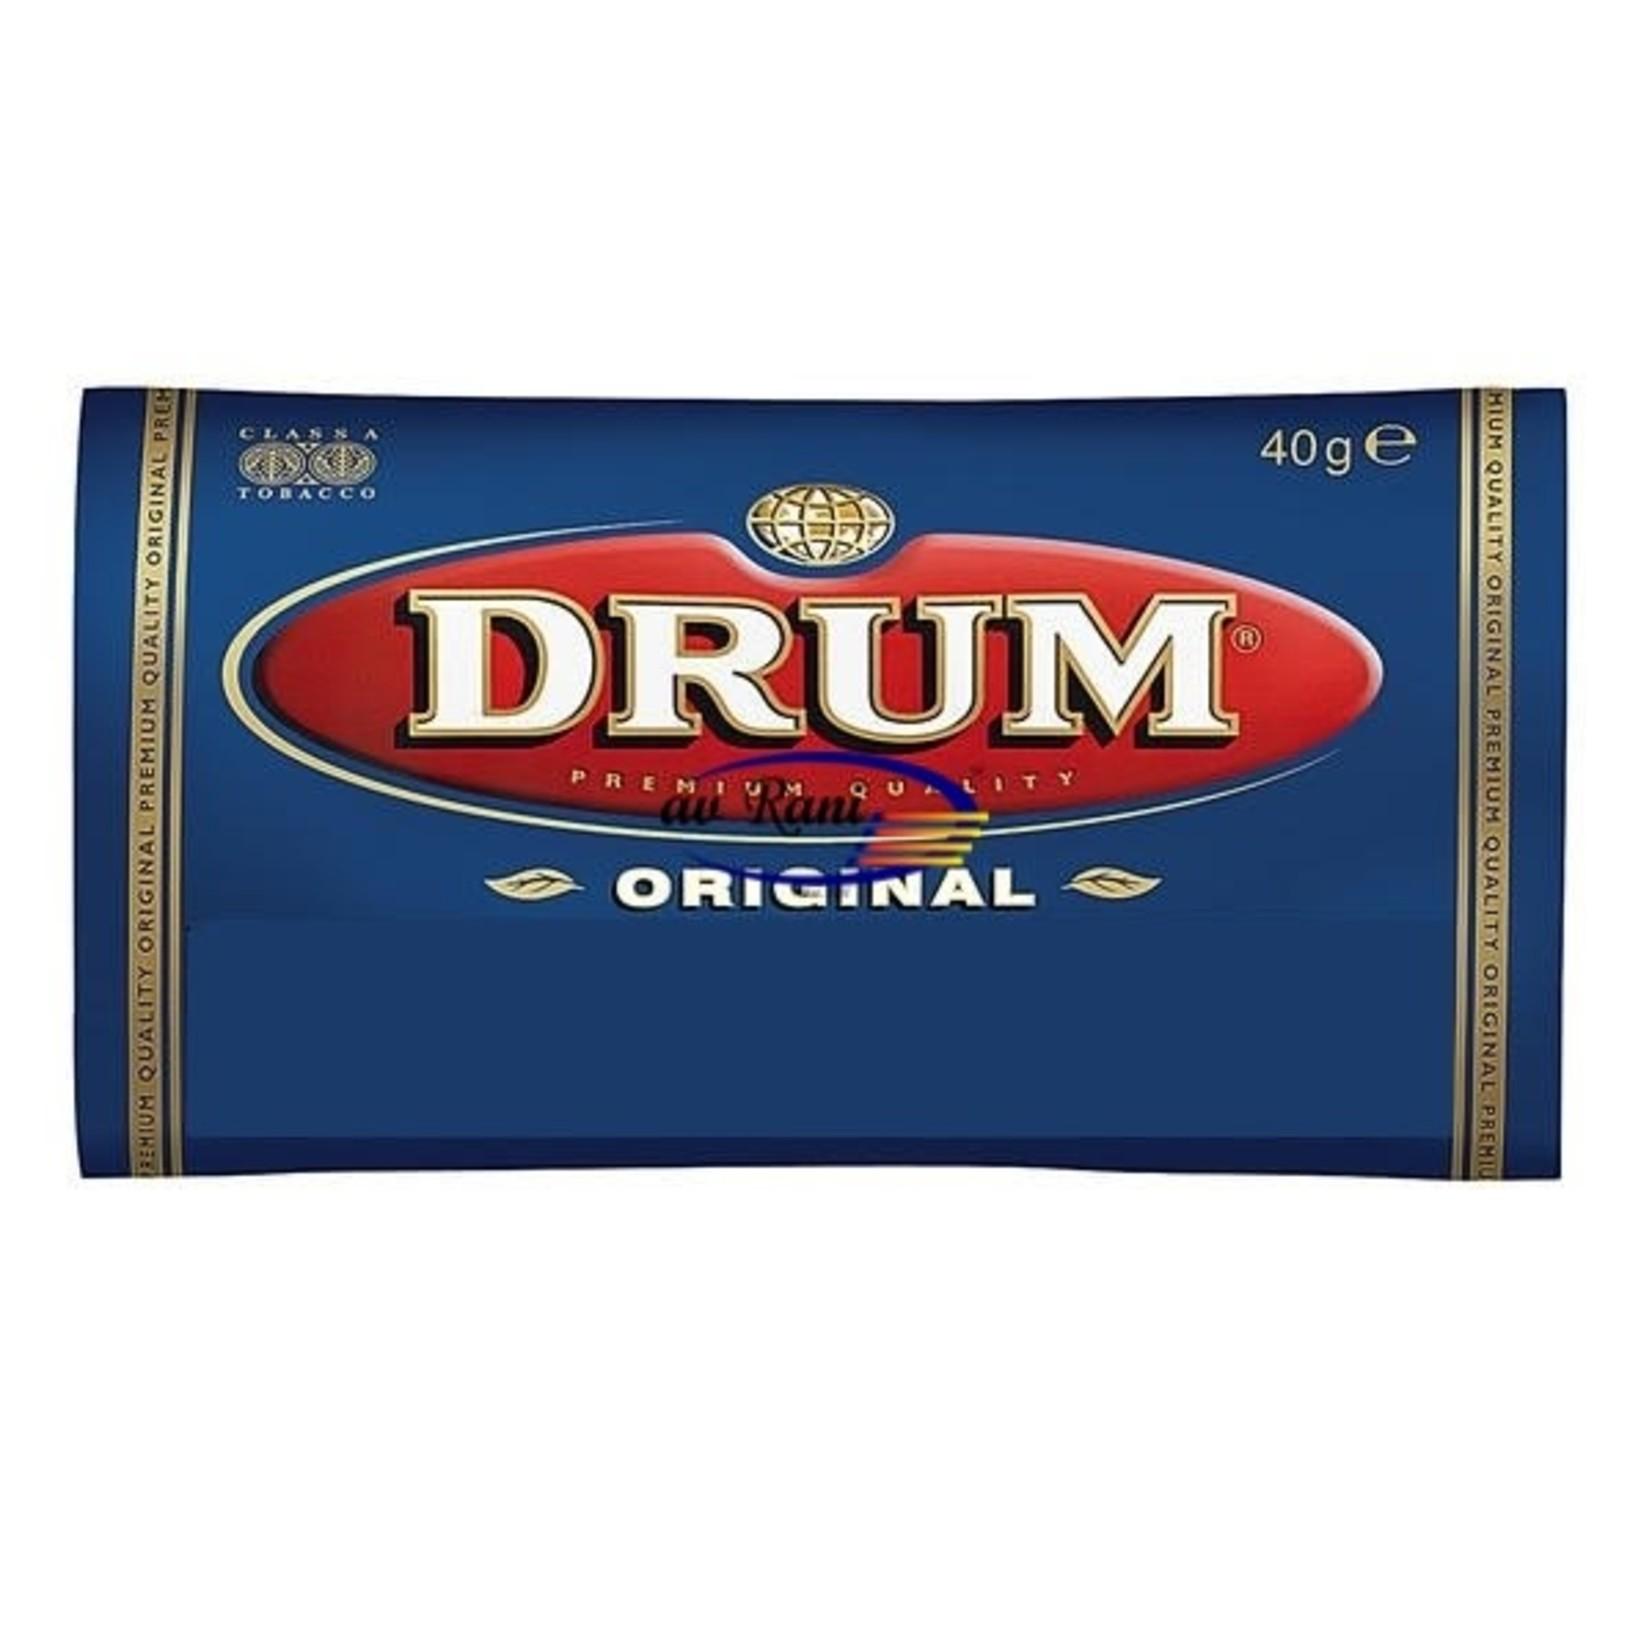 DRUM DRUM POUCHES